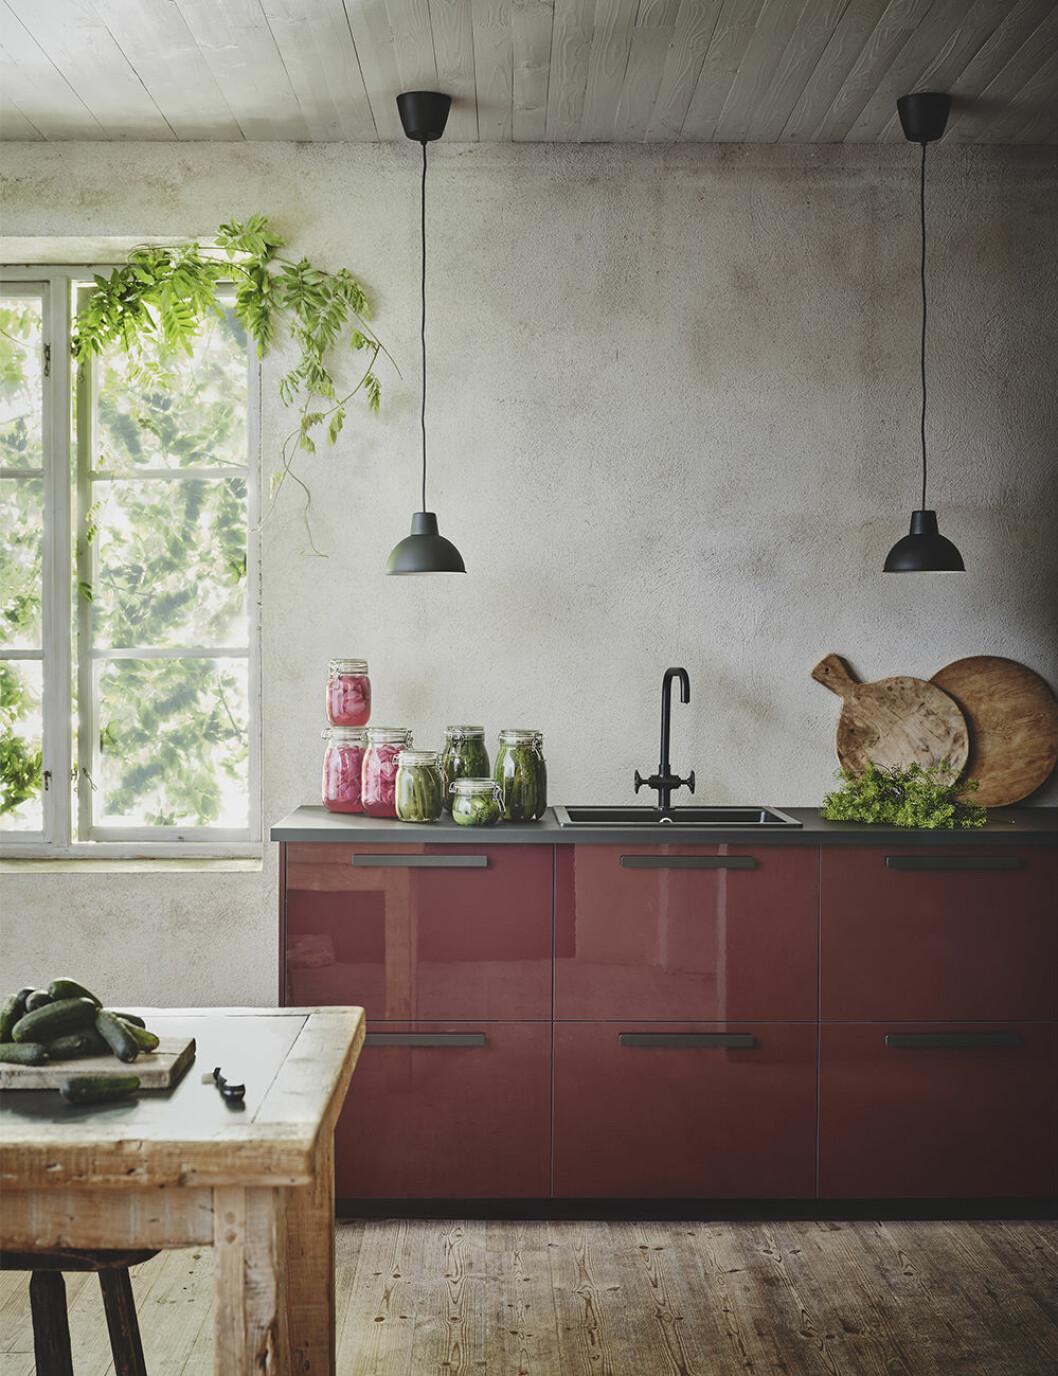 Ikea kök med högblanka luckor i rödbrunt